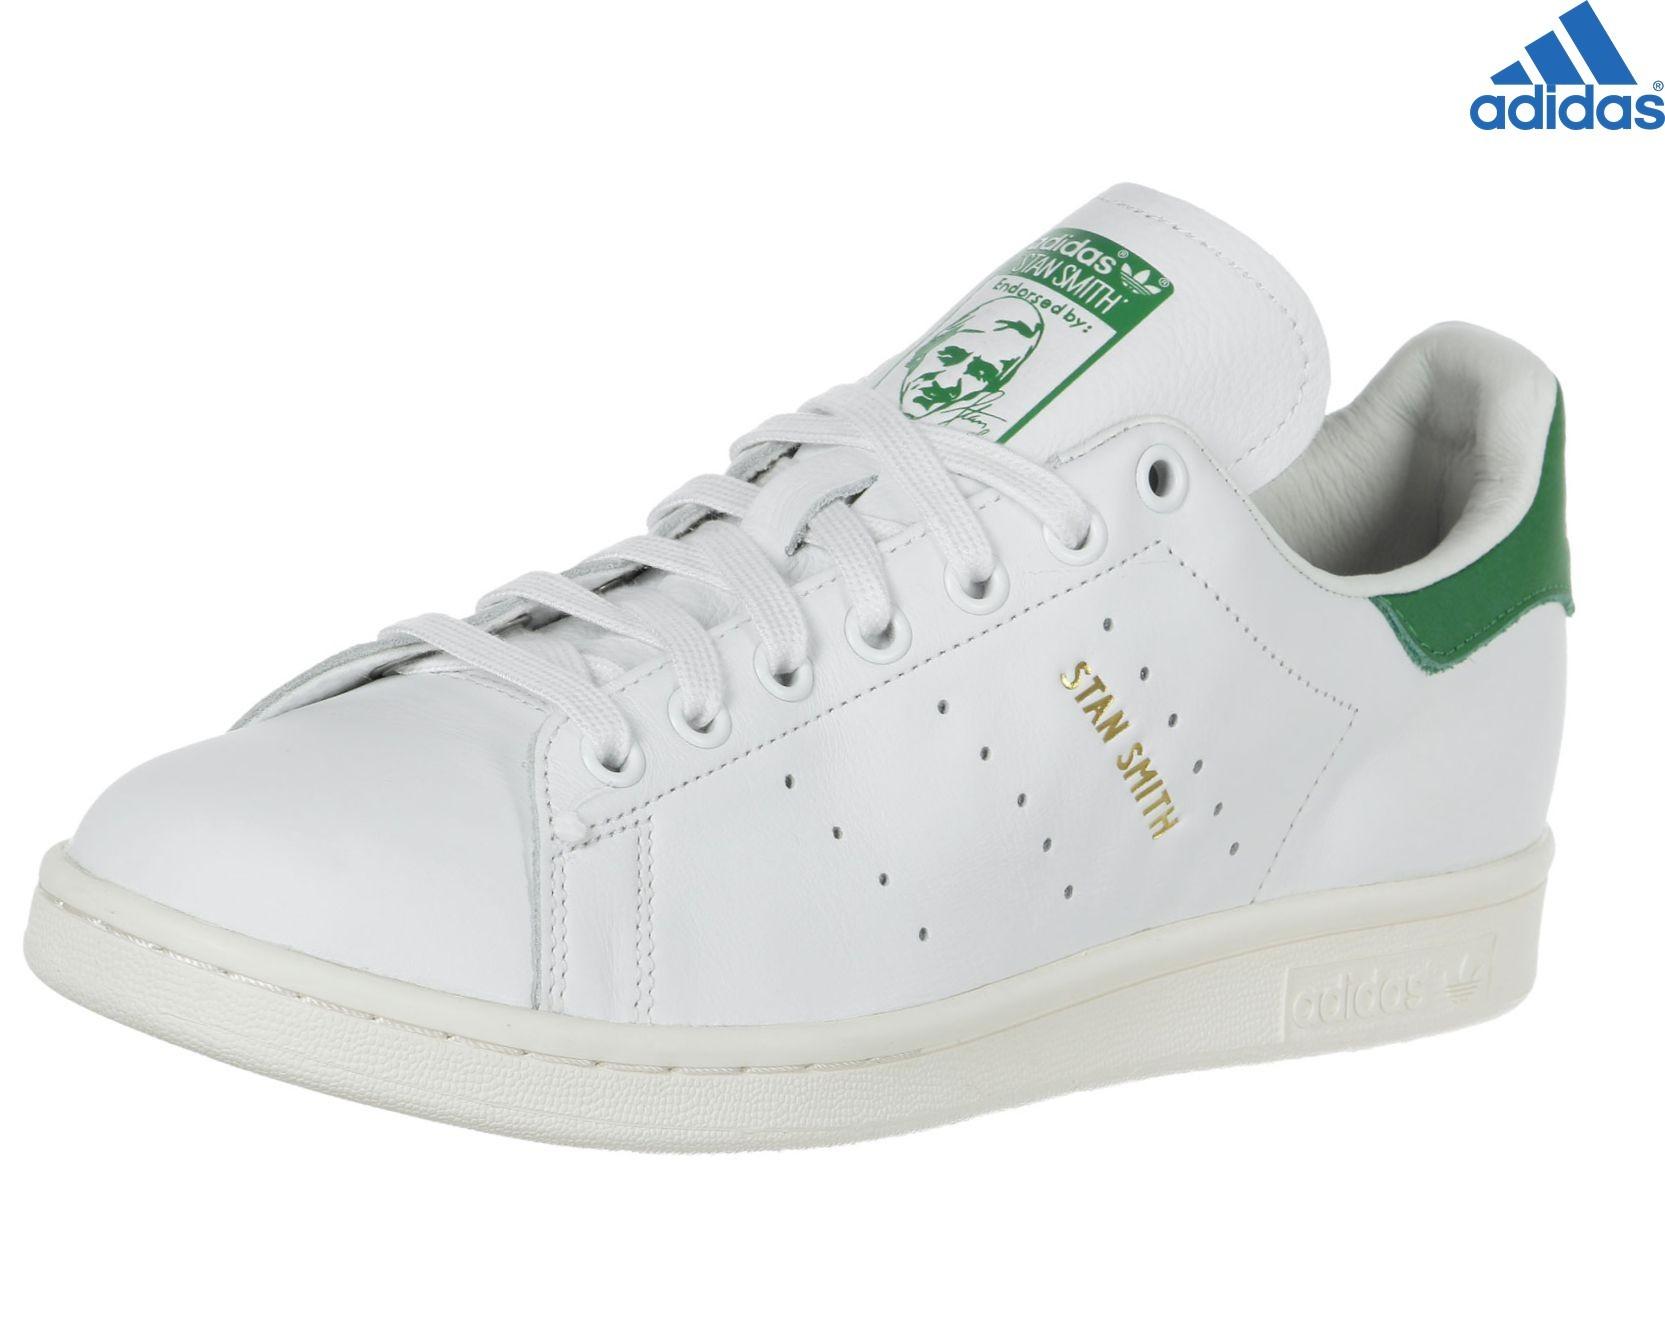 Vente adidas stan smith 50 euros Gatorade Daim Vert Pas Chers Livraison  gratuite, Basket de trs haute qualit. - homemedical.fr e344f49abcd5